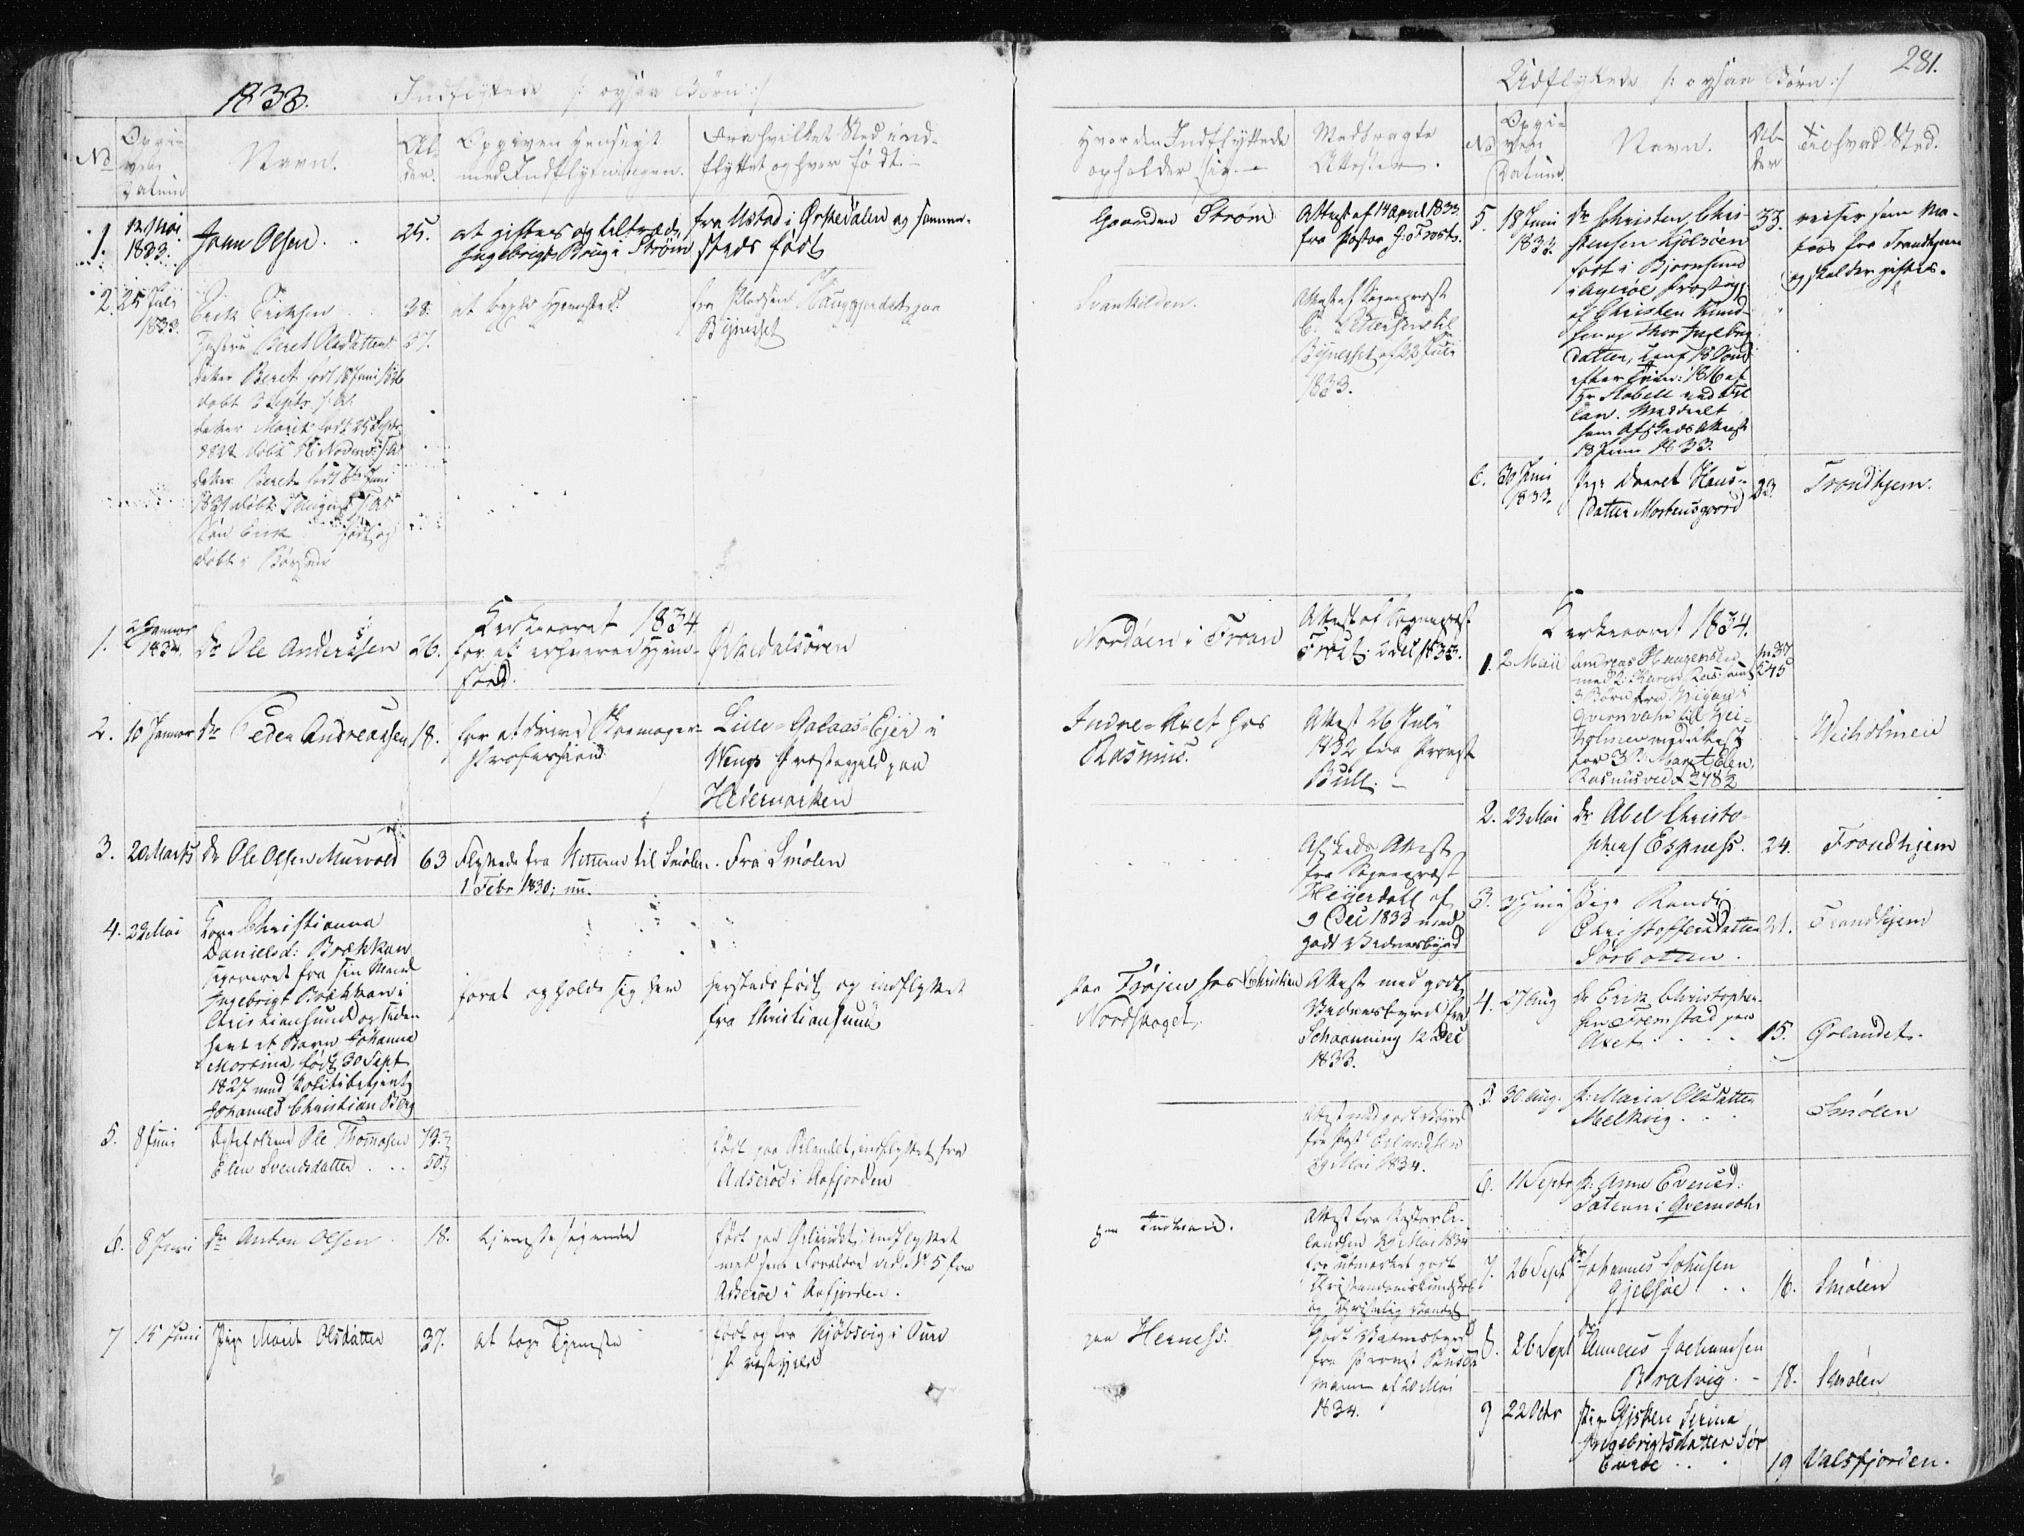 SAT, Ministerialprotokoller, klokkerbøker og fødselsregistre - Sør-Trøndelag, 634/L0528: Ministerialbok nr. 634A04, 1827-1842, s. 281